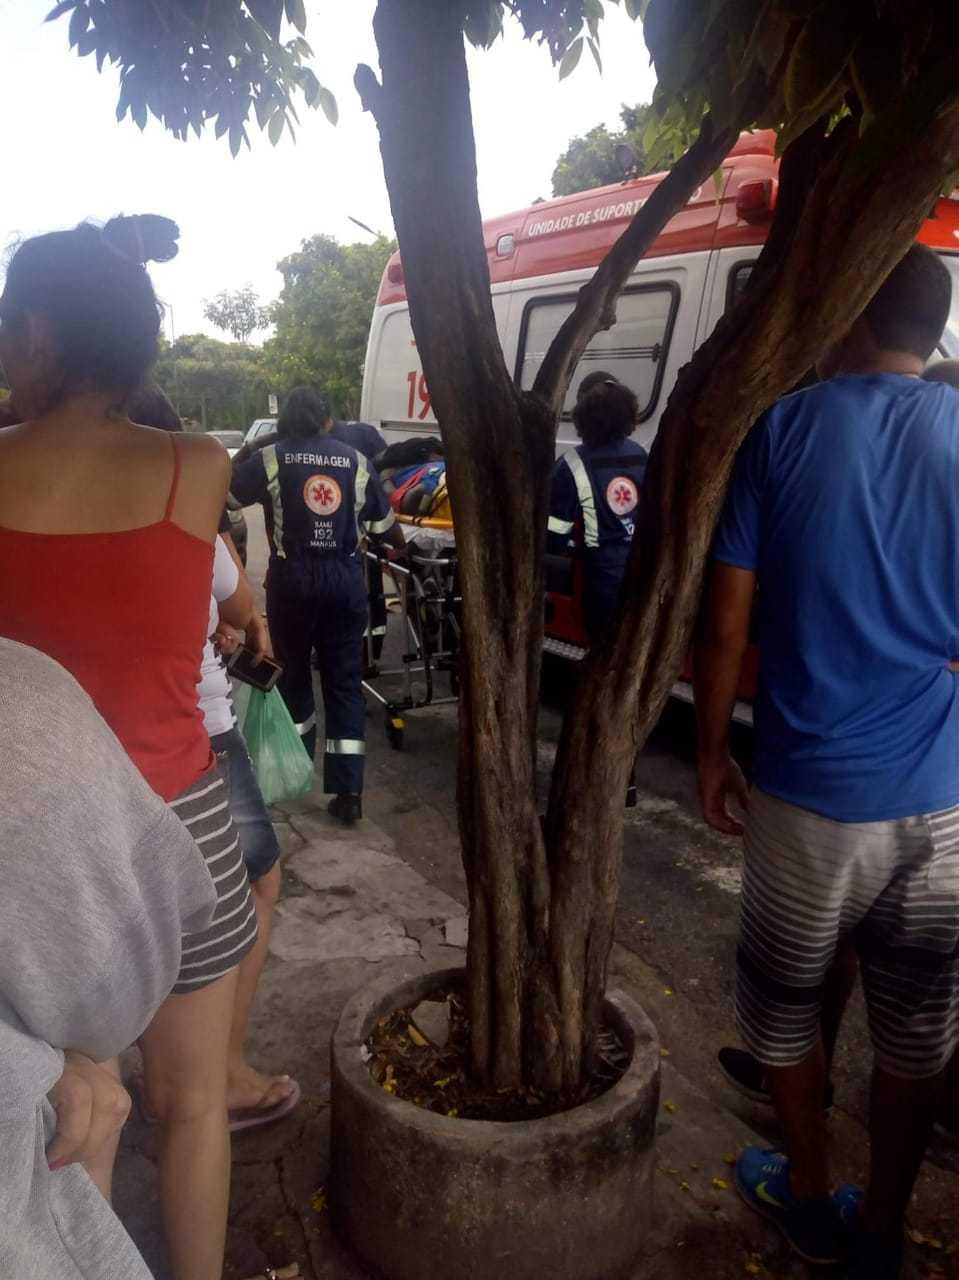 Homem corre atrás de haitiano e o bate com perna manca em Manaus